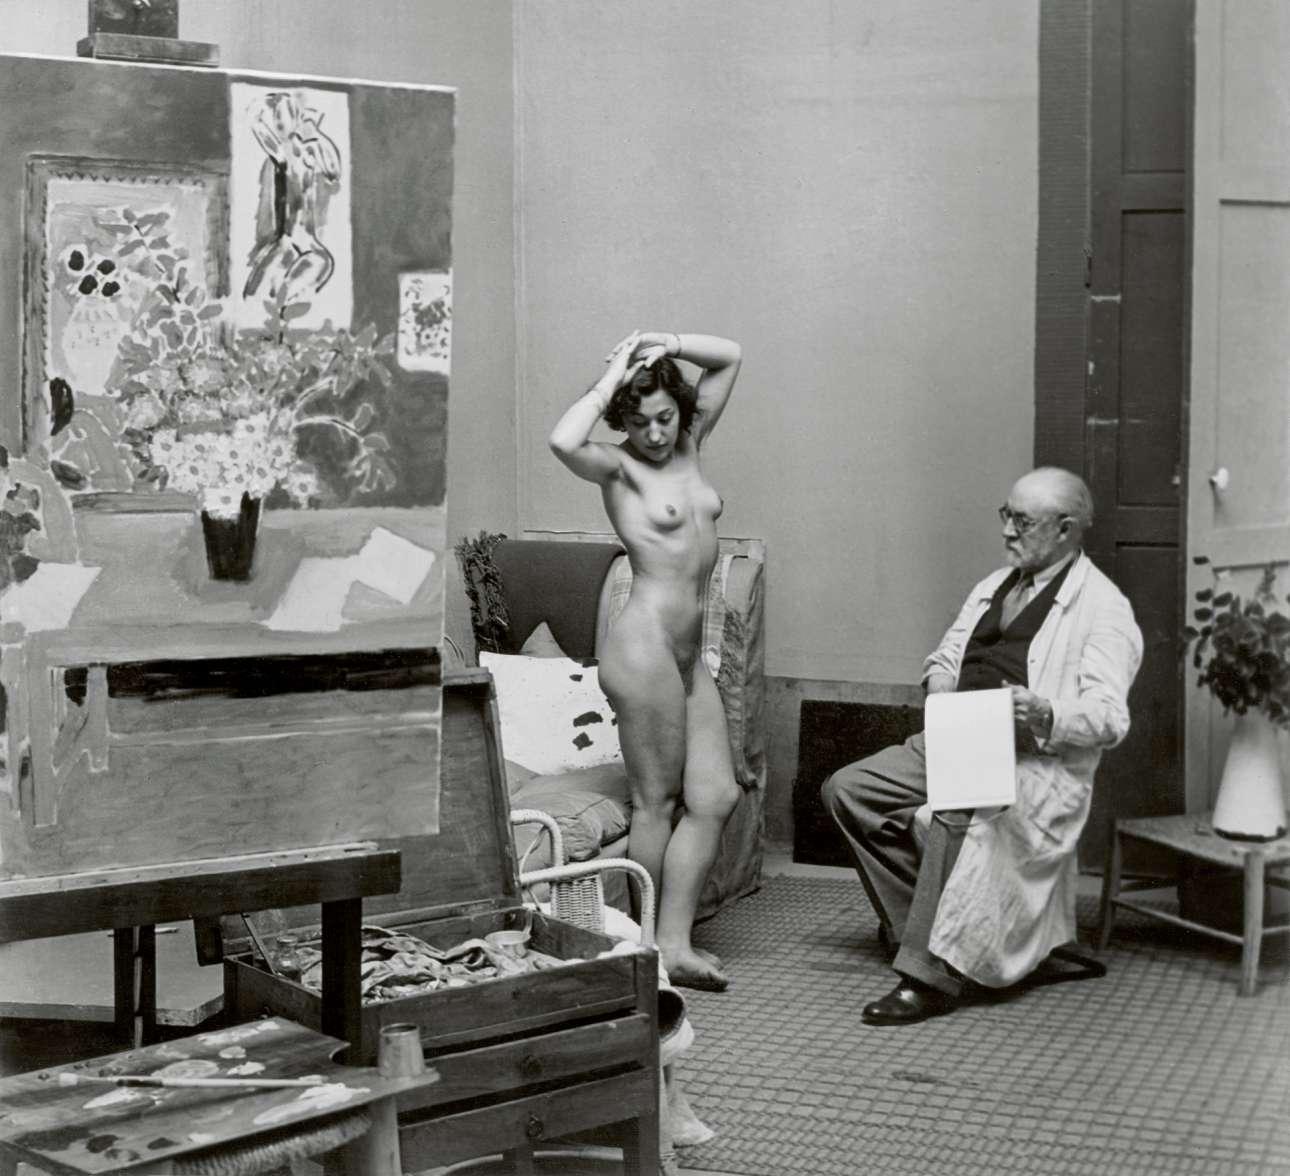 Ο Ανρί Ματίς με ένα μοντέλο, στο ατελιέ του, το  1939